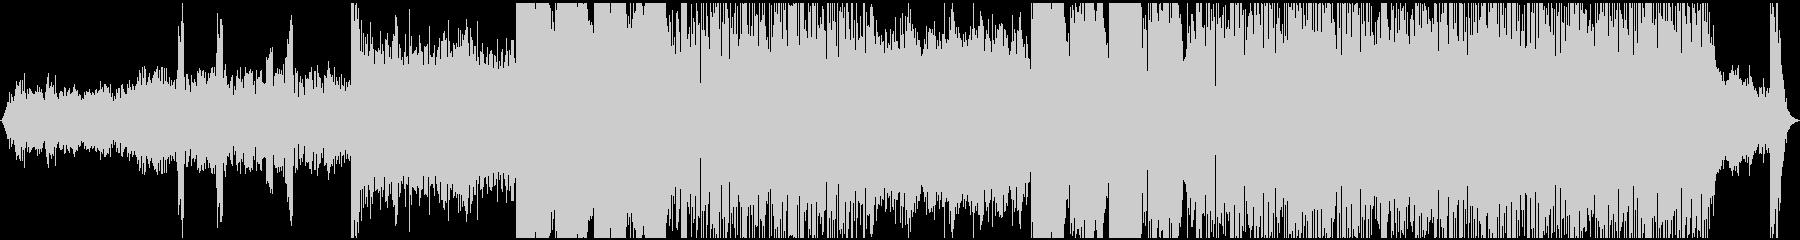 エスニック。ギターアルペジオ。 E...の未再生の波形